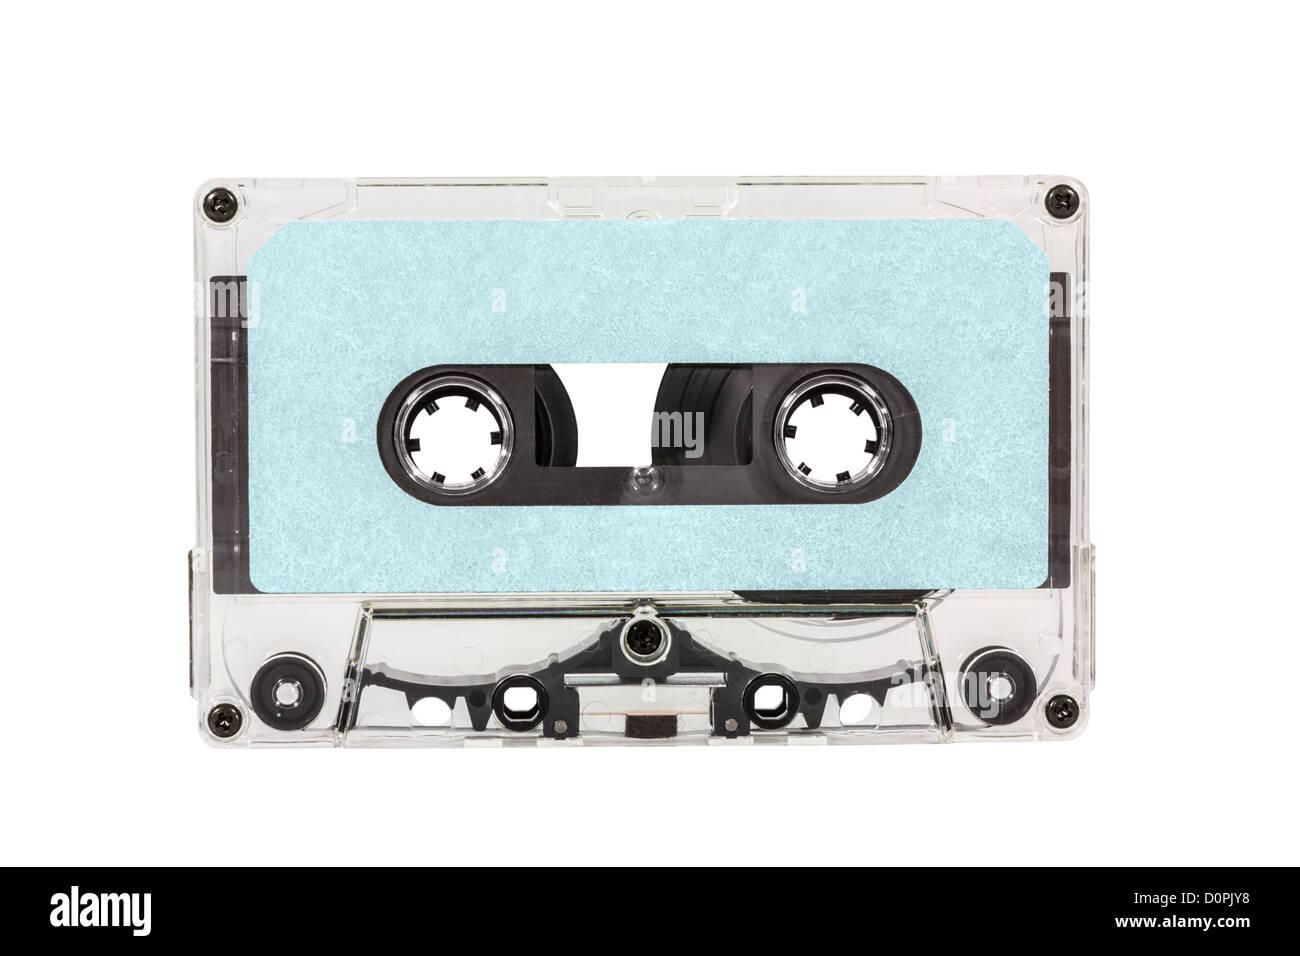 Cinta de casete en blanco azul antiguo aislada con trazado de recorte. Imagen De Stock